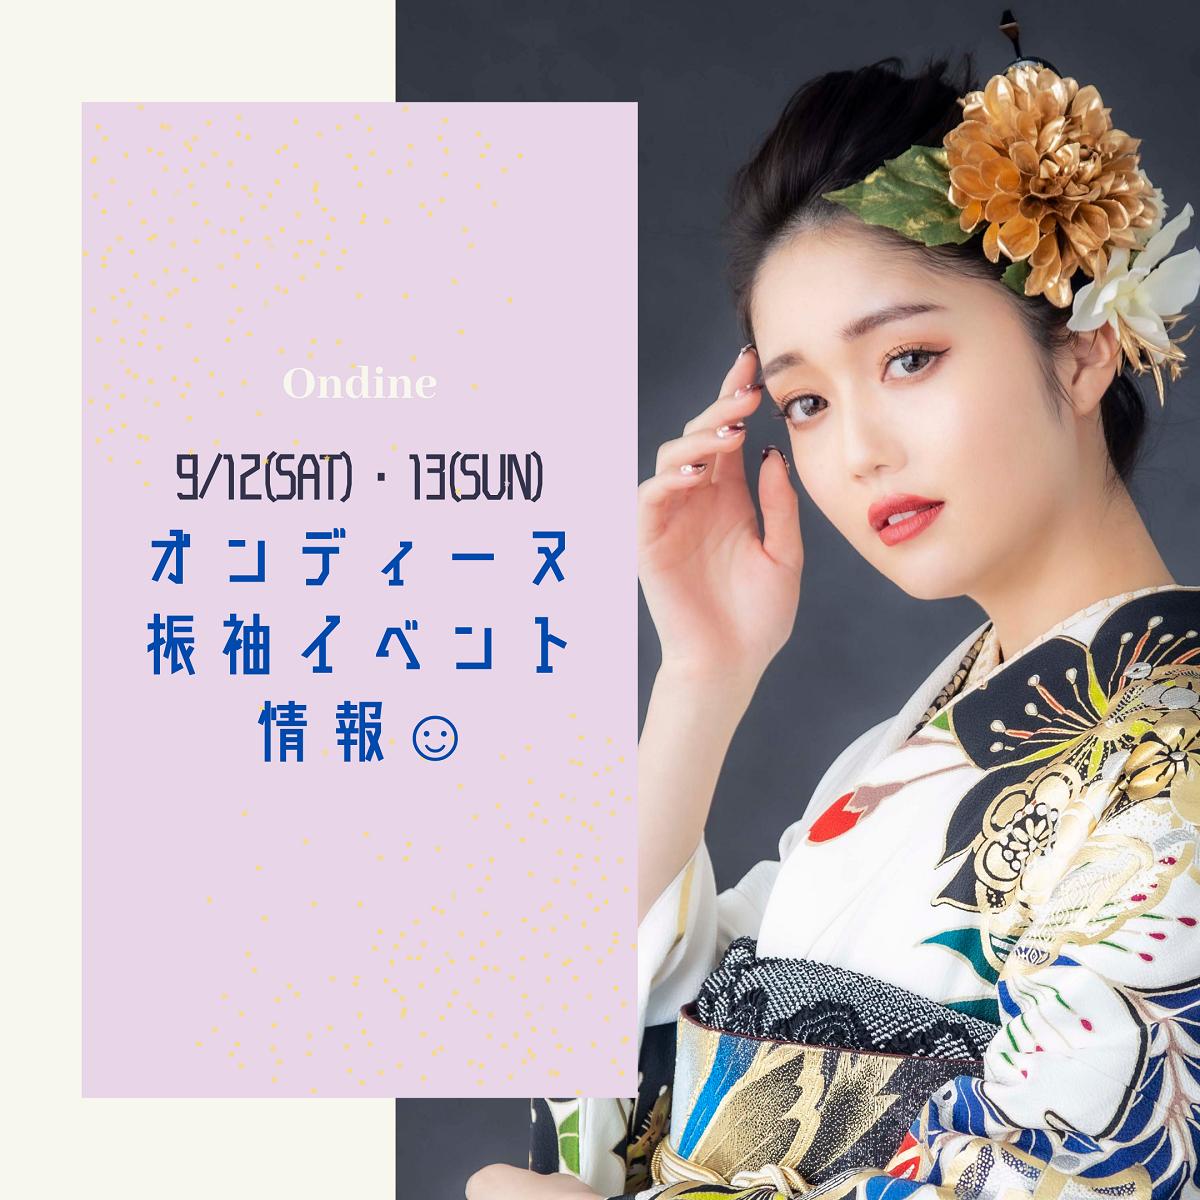 【9/12・13で開催】京都の振袖イベント情報♡(オンディーヌ)